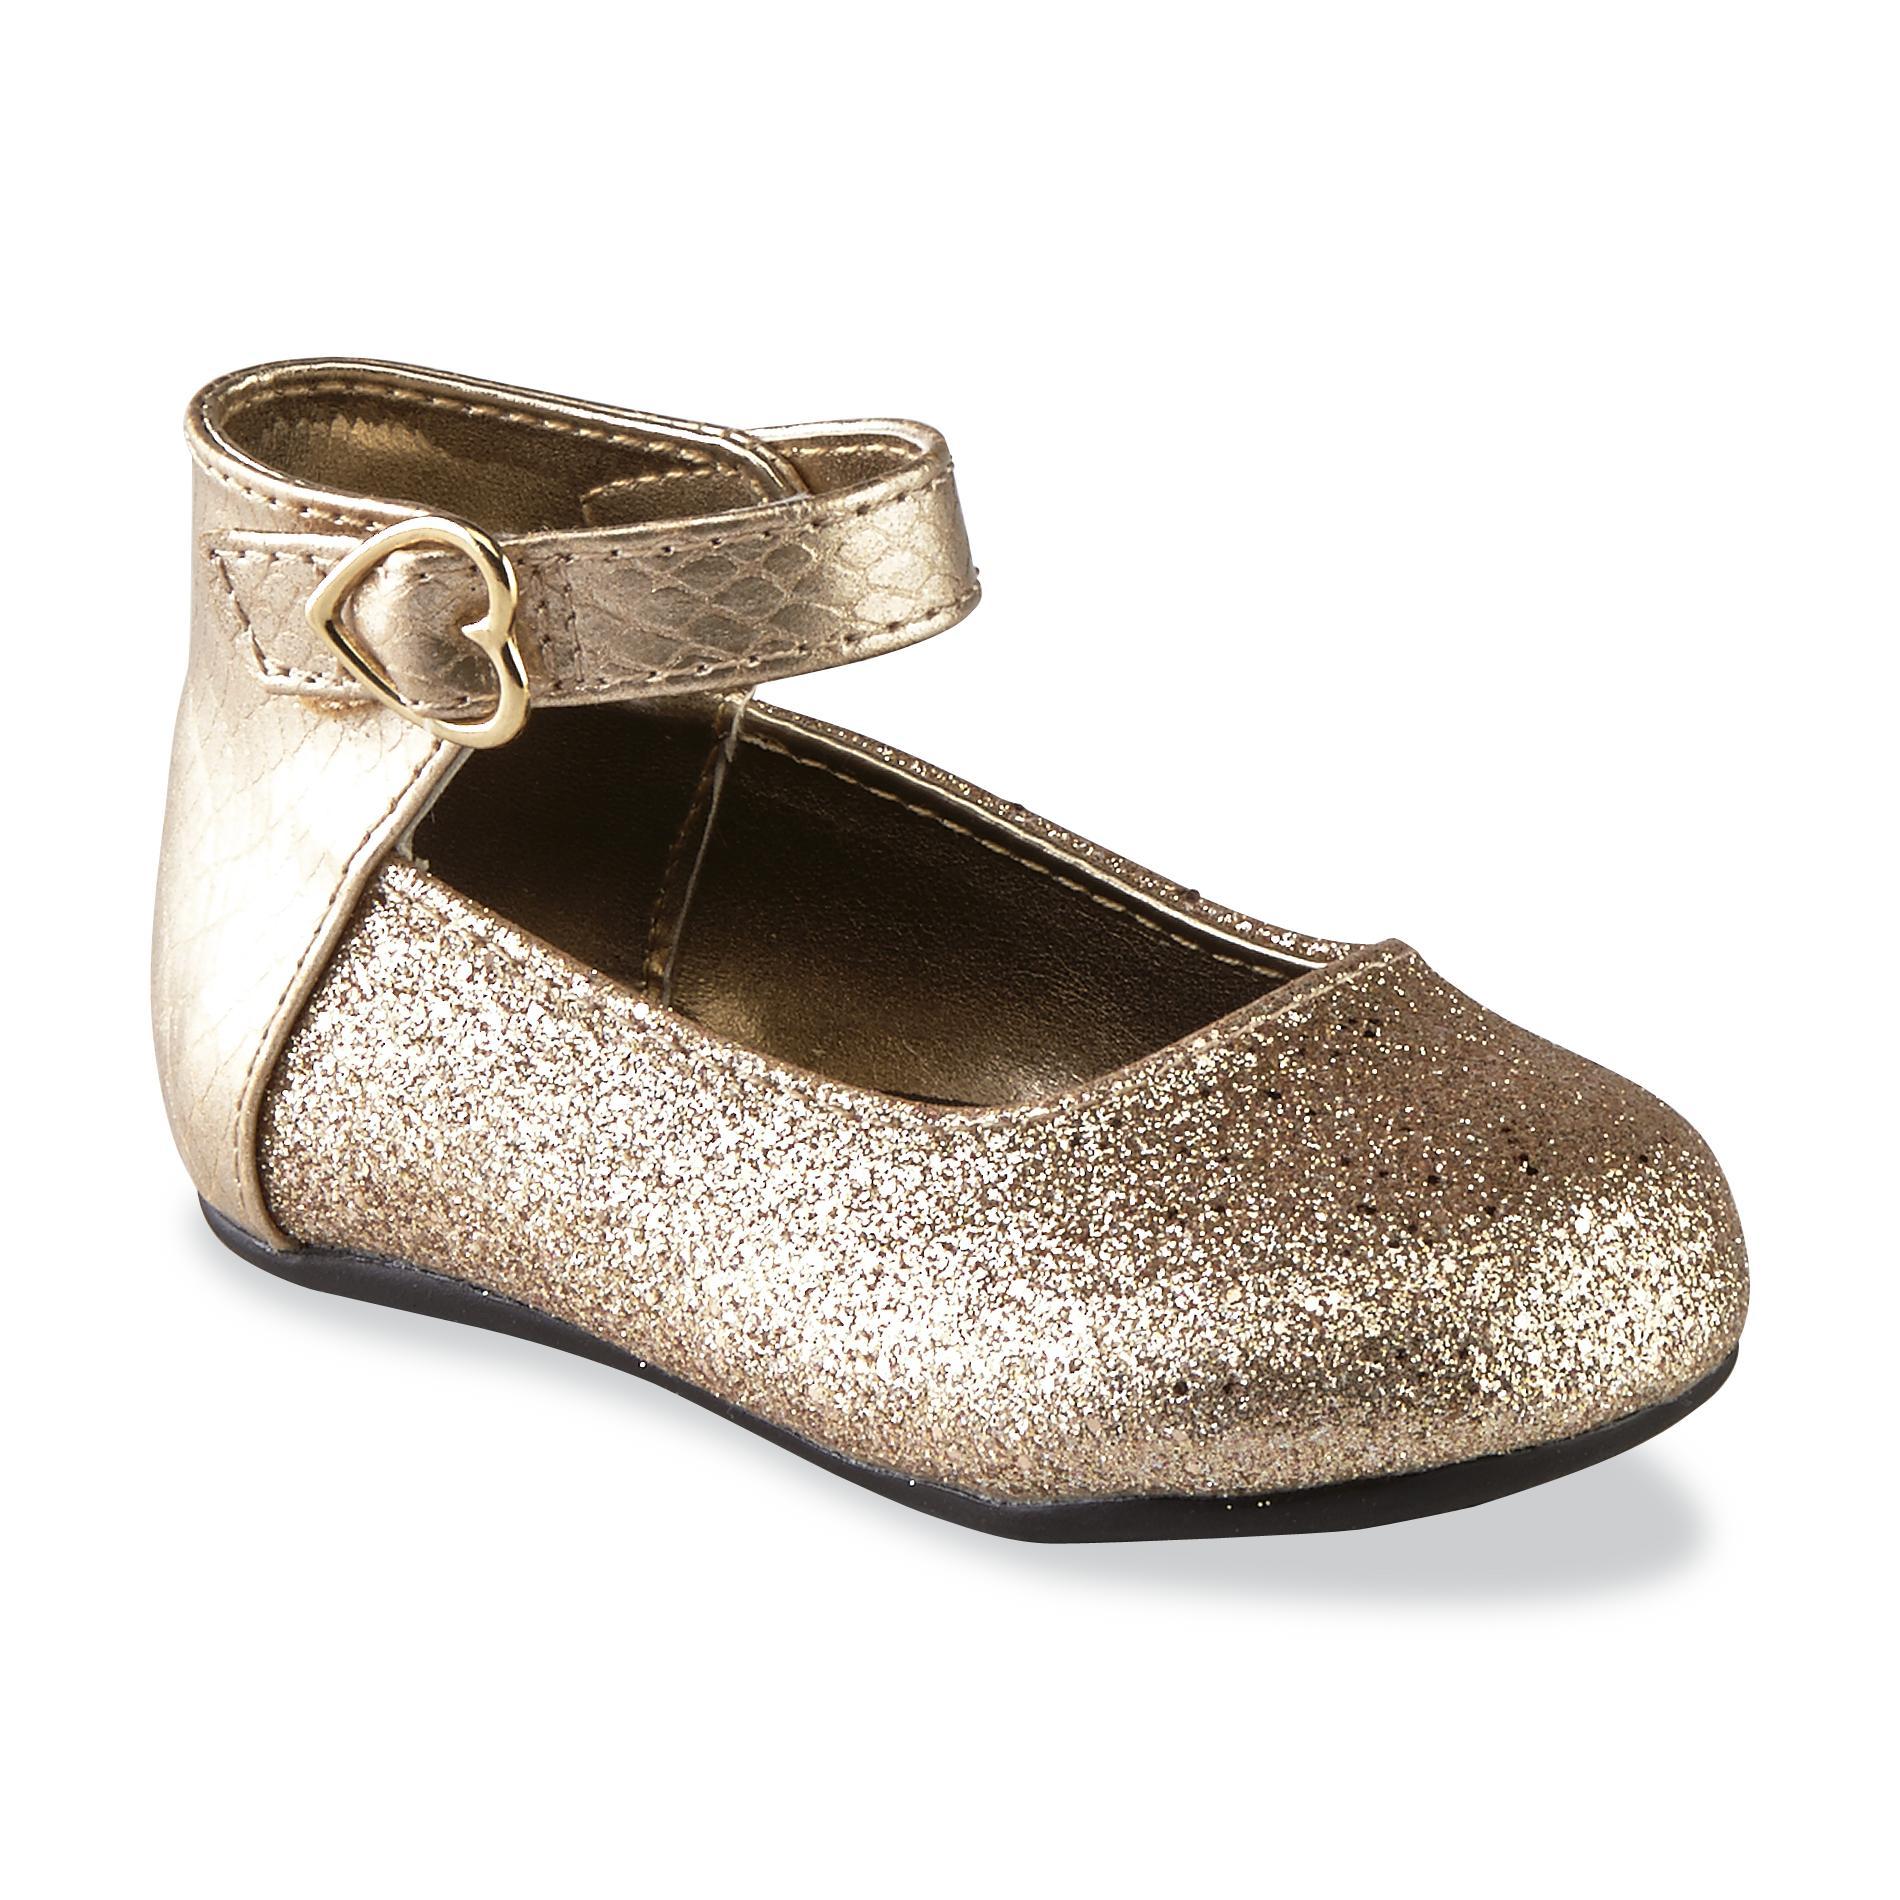 Natural Steps Toddler Girl's Rain Gold/Glitter Ballet Flat